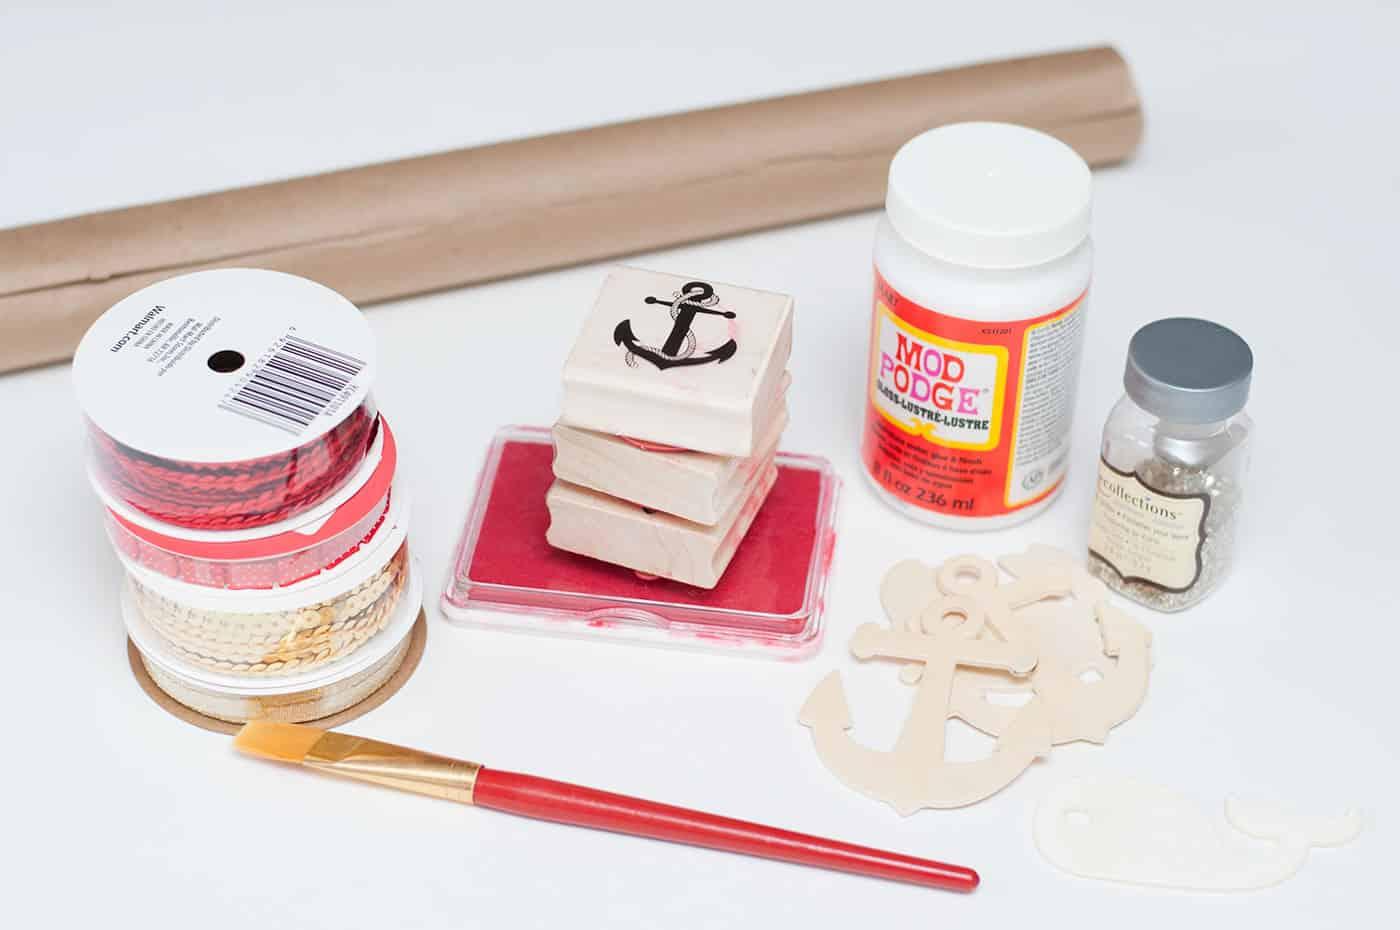 Supplies to make DIY gift wrap